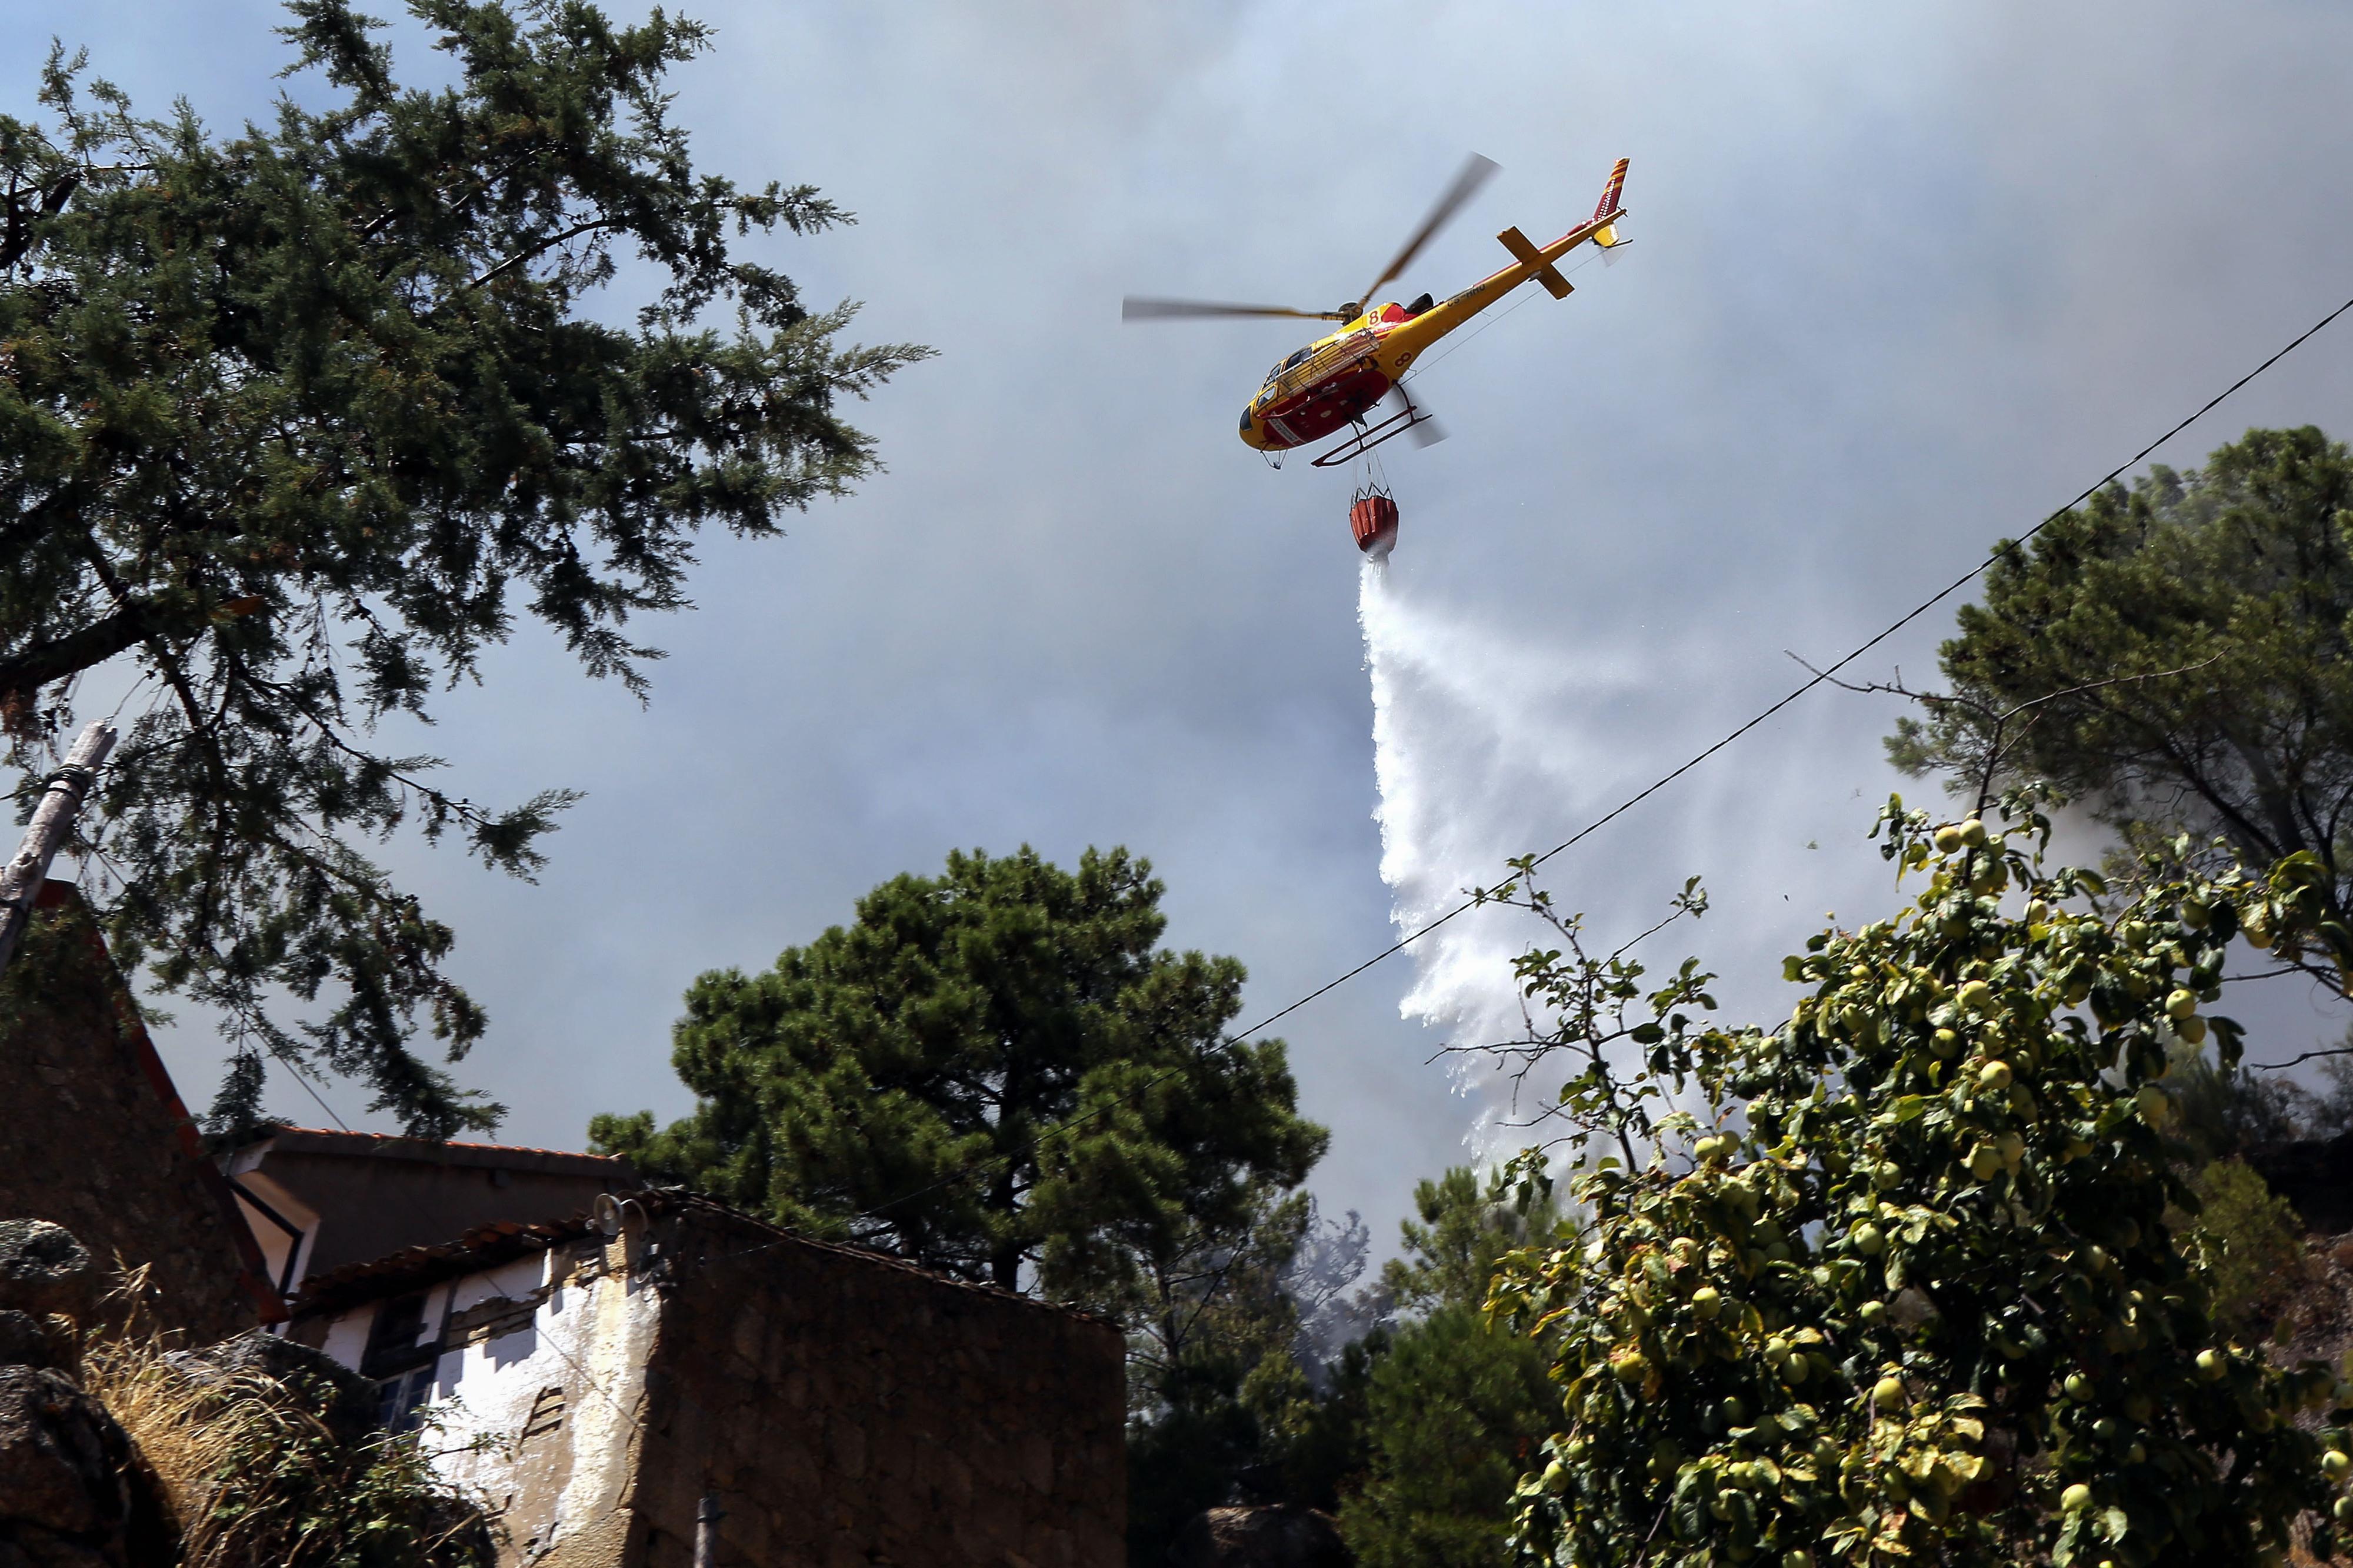 Mais de 100 operacionais e dez meios aéreos no incêndio em Rio Caldo, Terras do Bouro